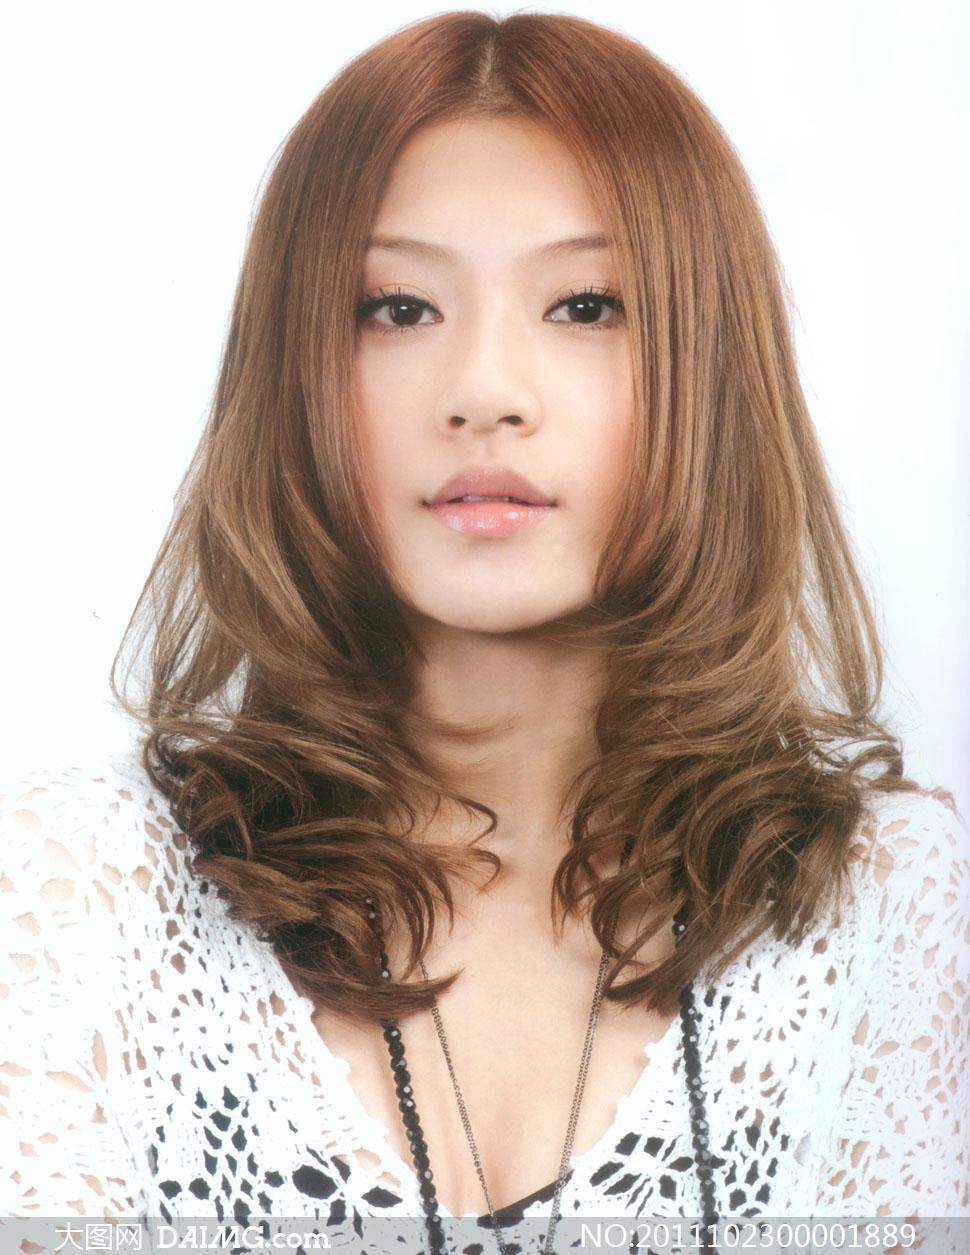 可爱美女s卷发型摄影图片